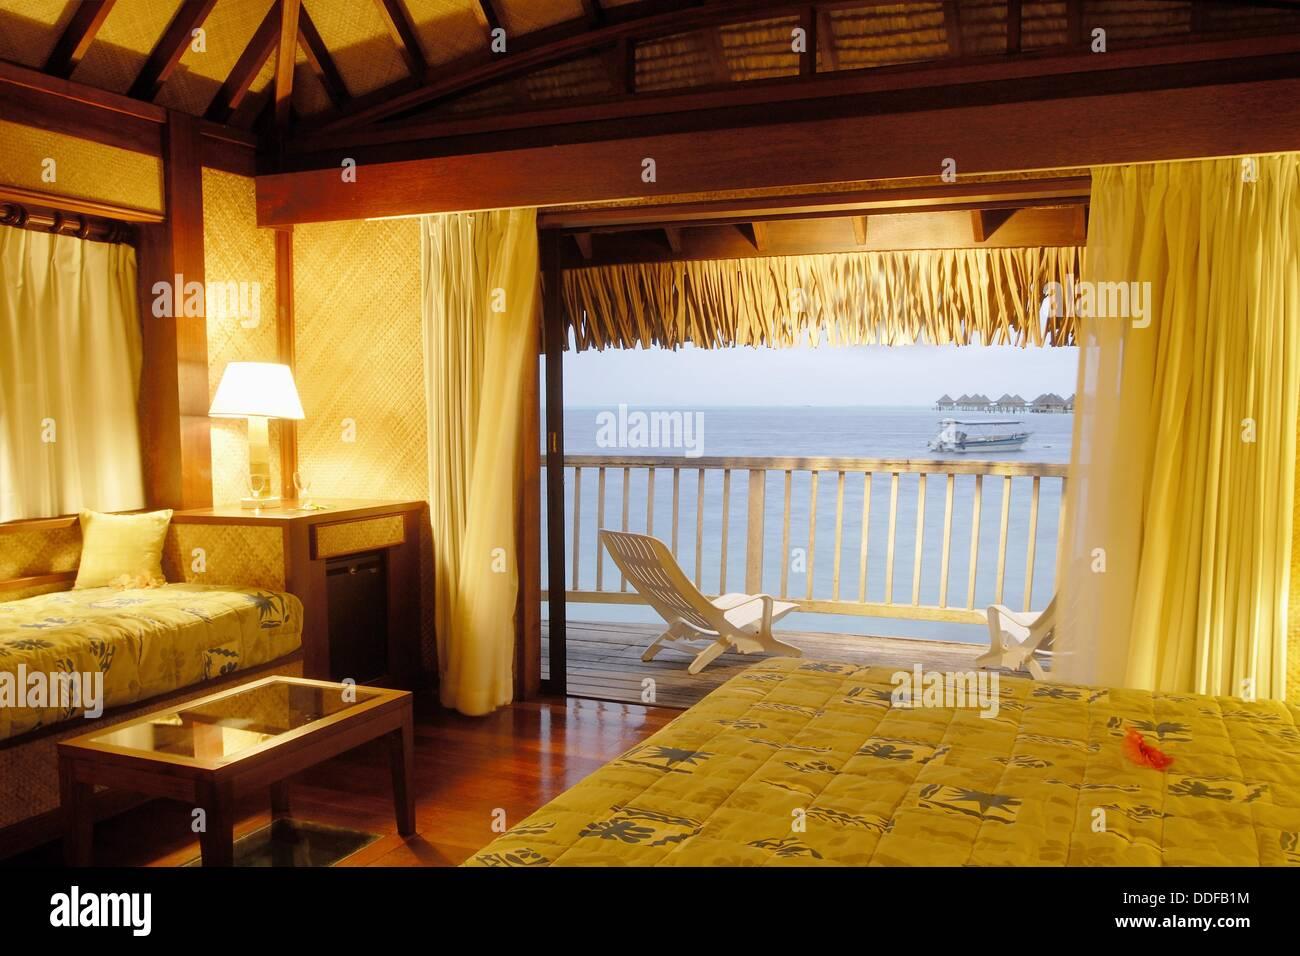 Interieur de Bungalow, Hotel Maitai Polynesia, Bora-Bora, Iles De La Societe, Archipel De La Polynesie Francaise, Stockbild